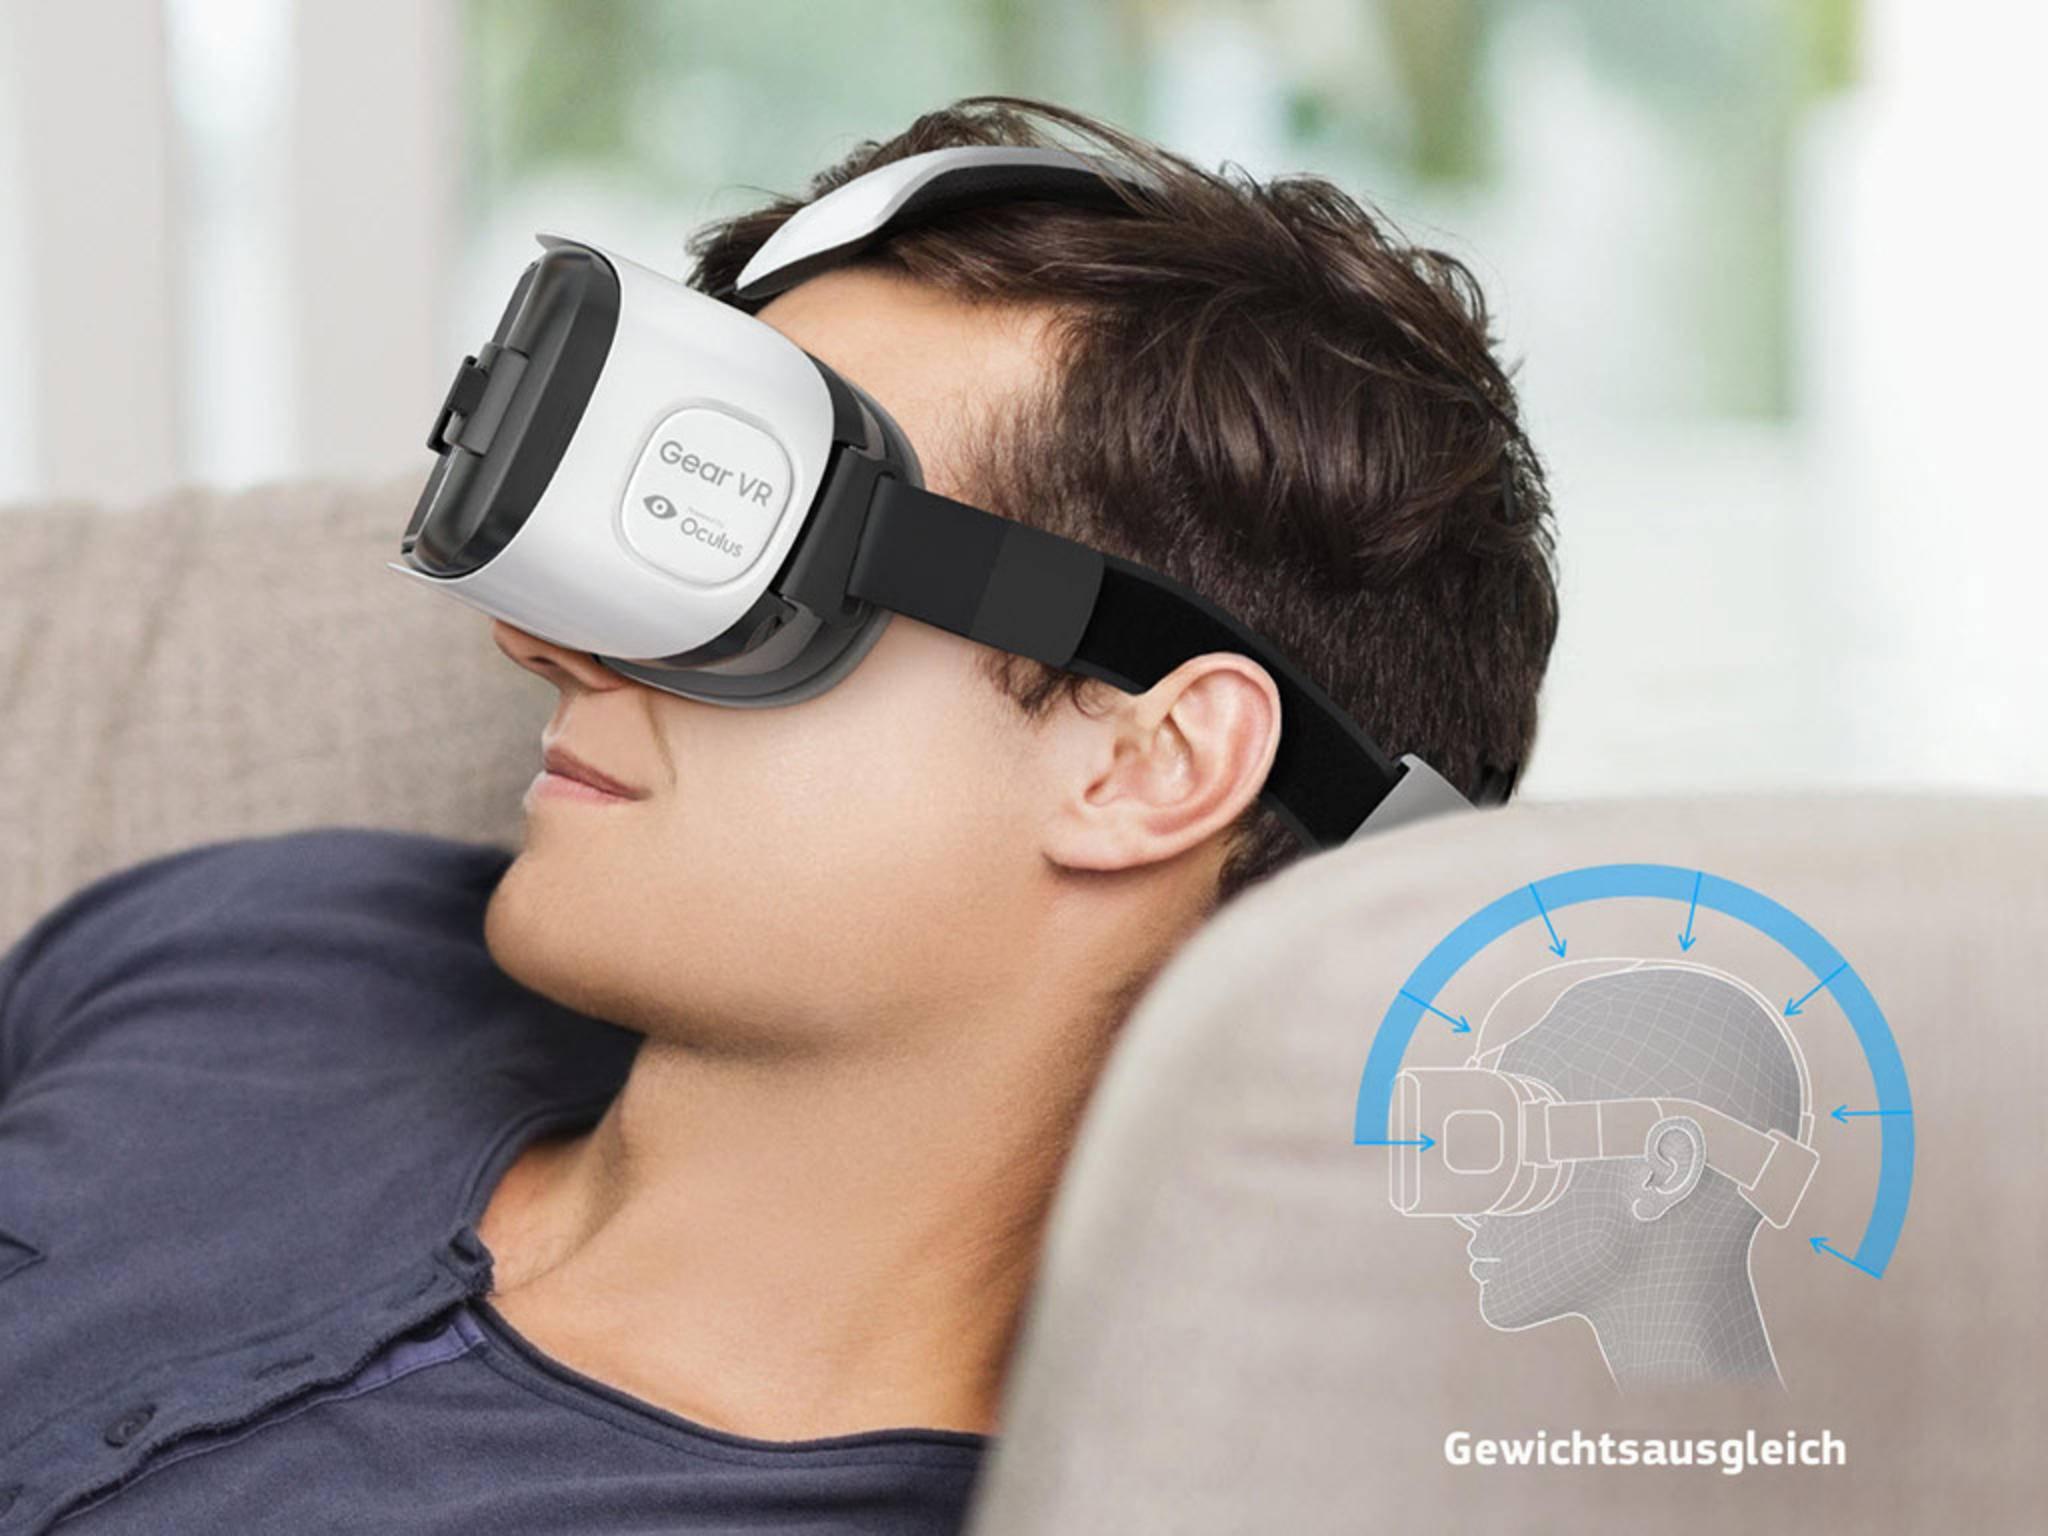 Die Samsung Gear VR ist eine Investition in die Gaming-Zukunft.